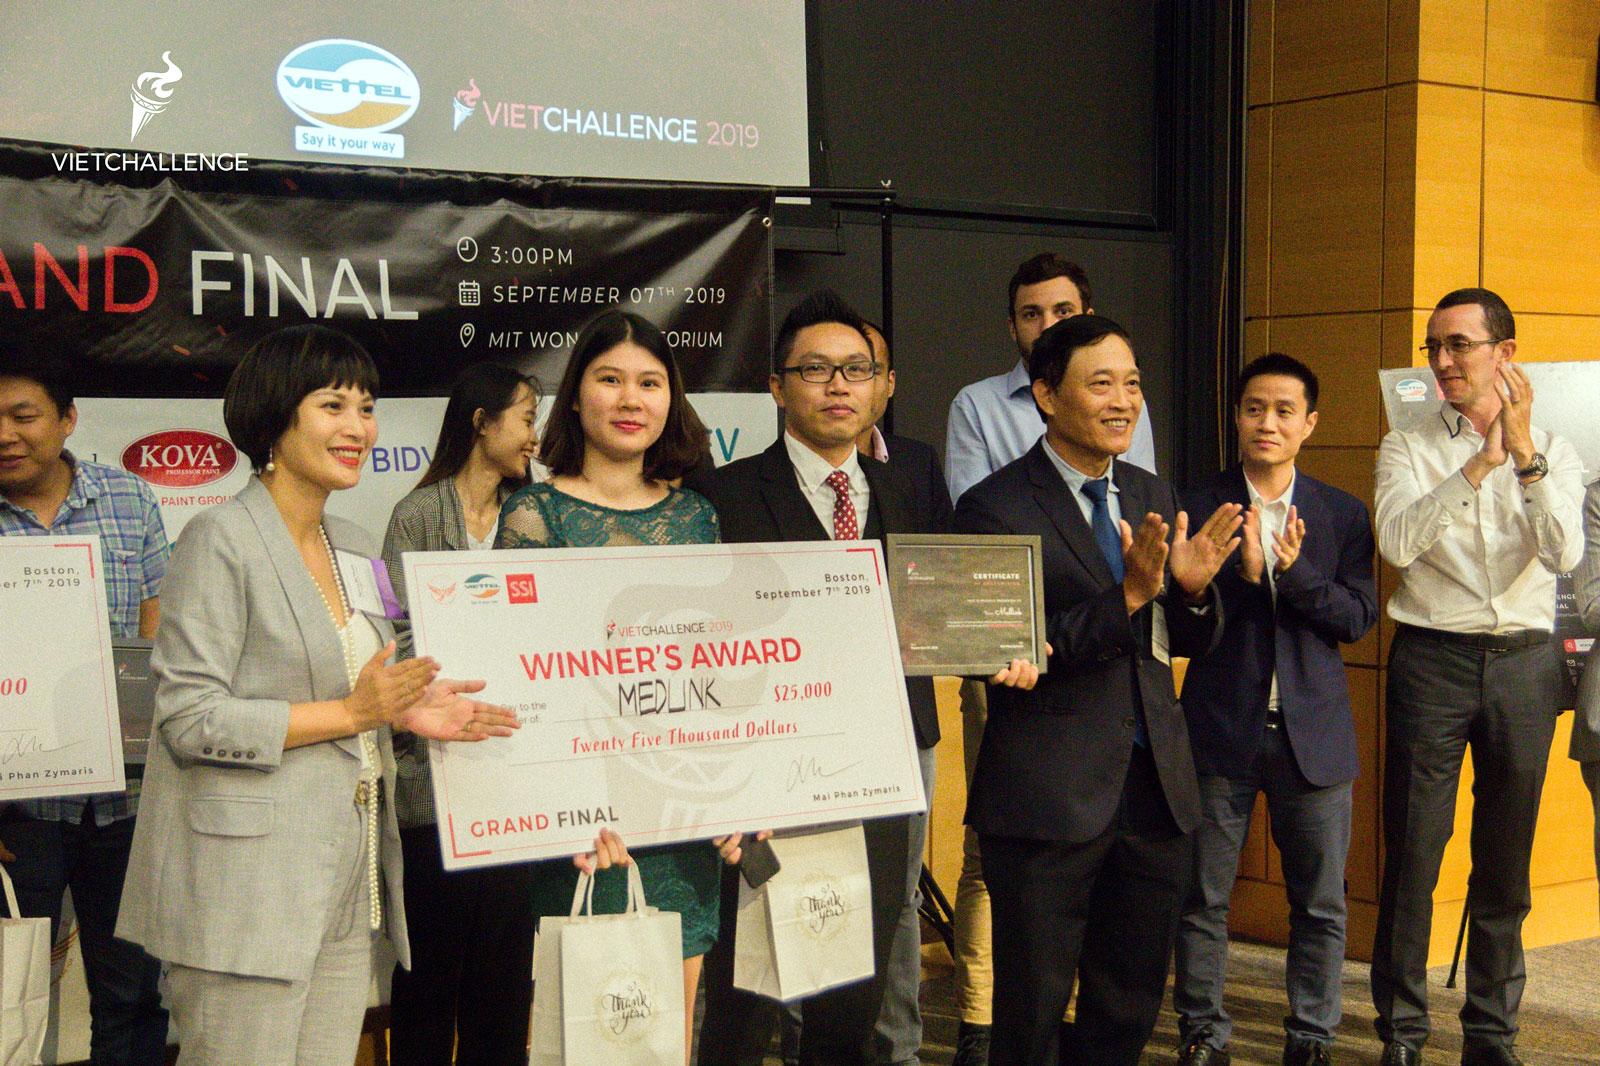 Startup Việt Nam chiến thắng Vietchallenge 2019 tại Hoa Kỳ